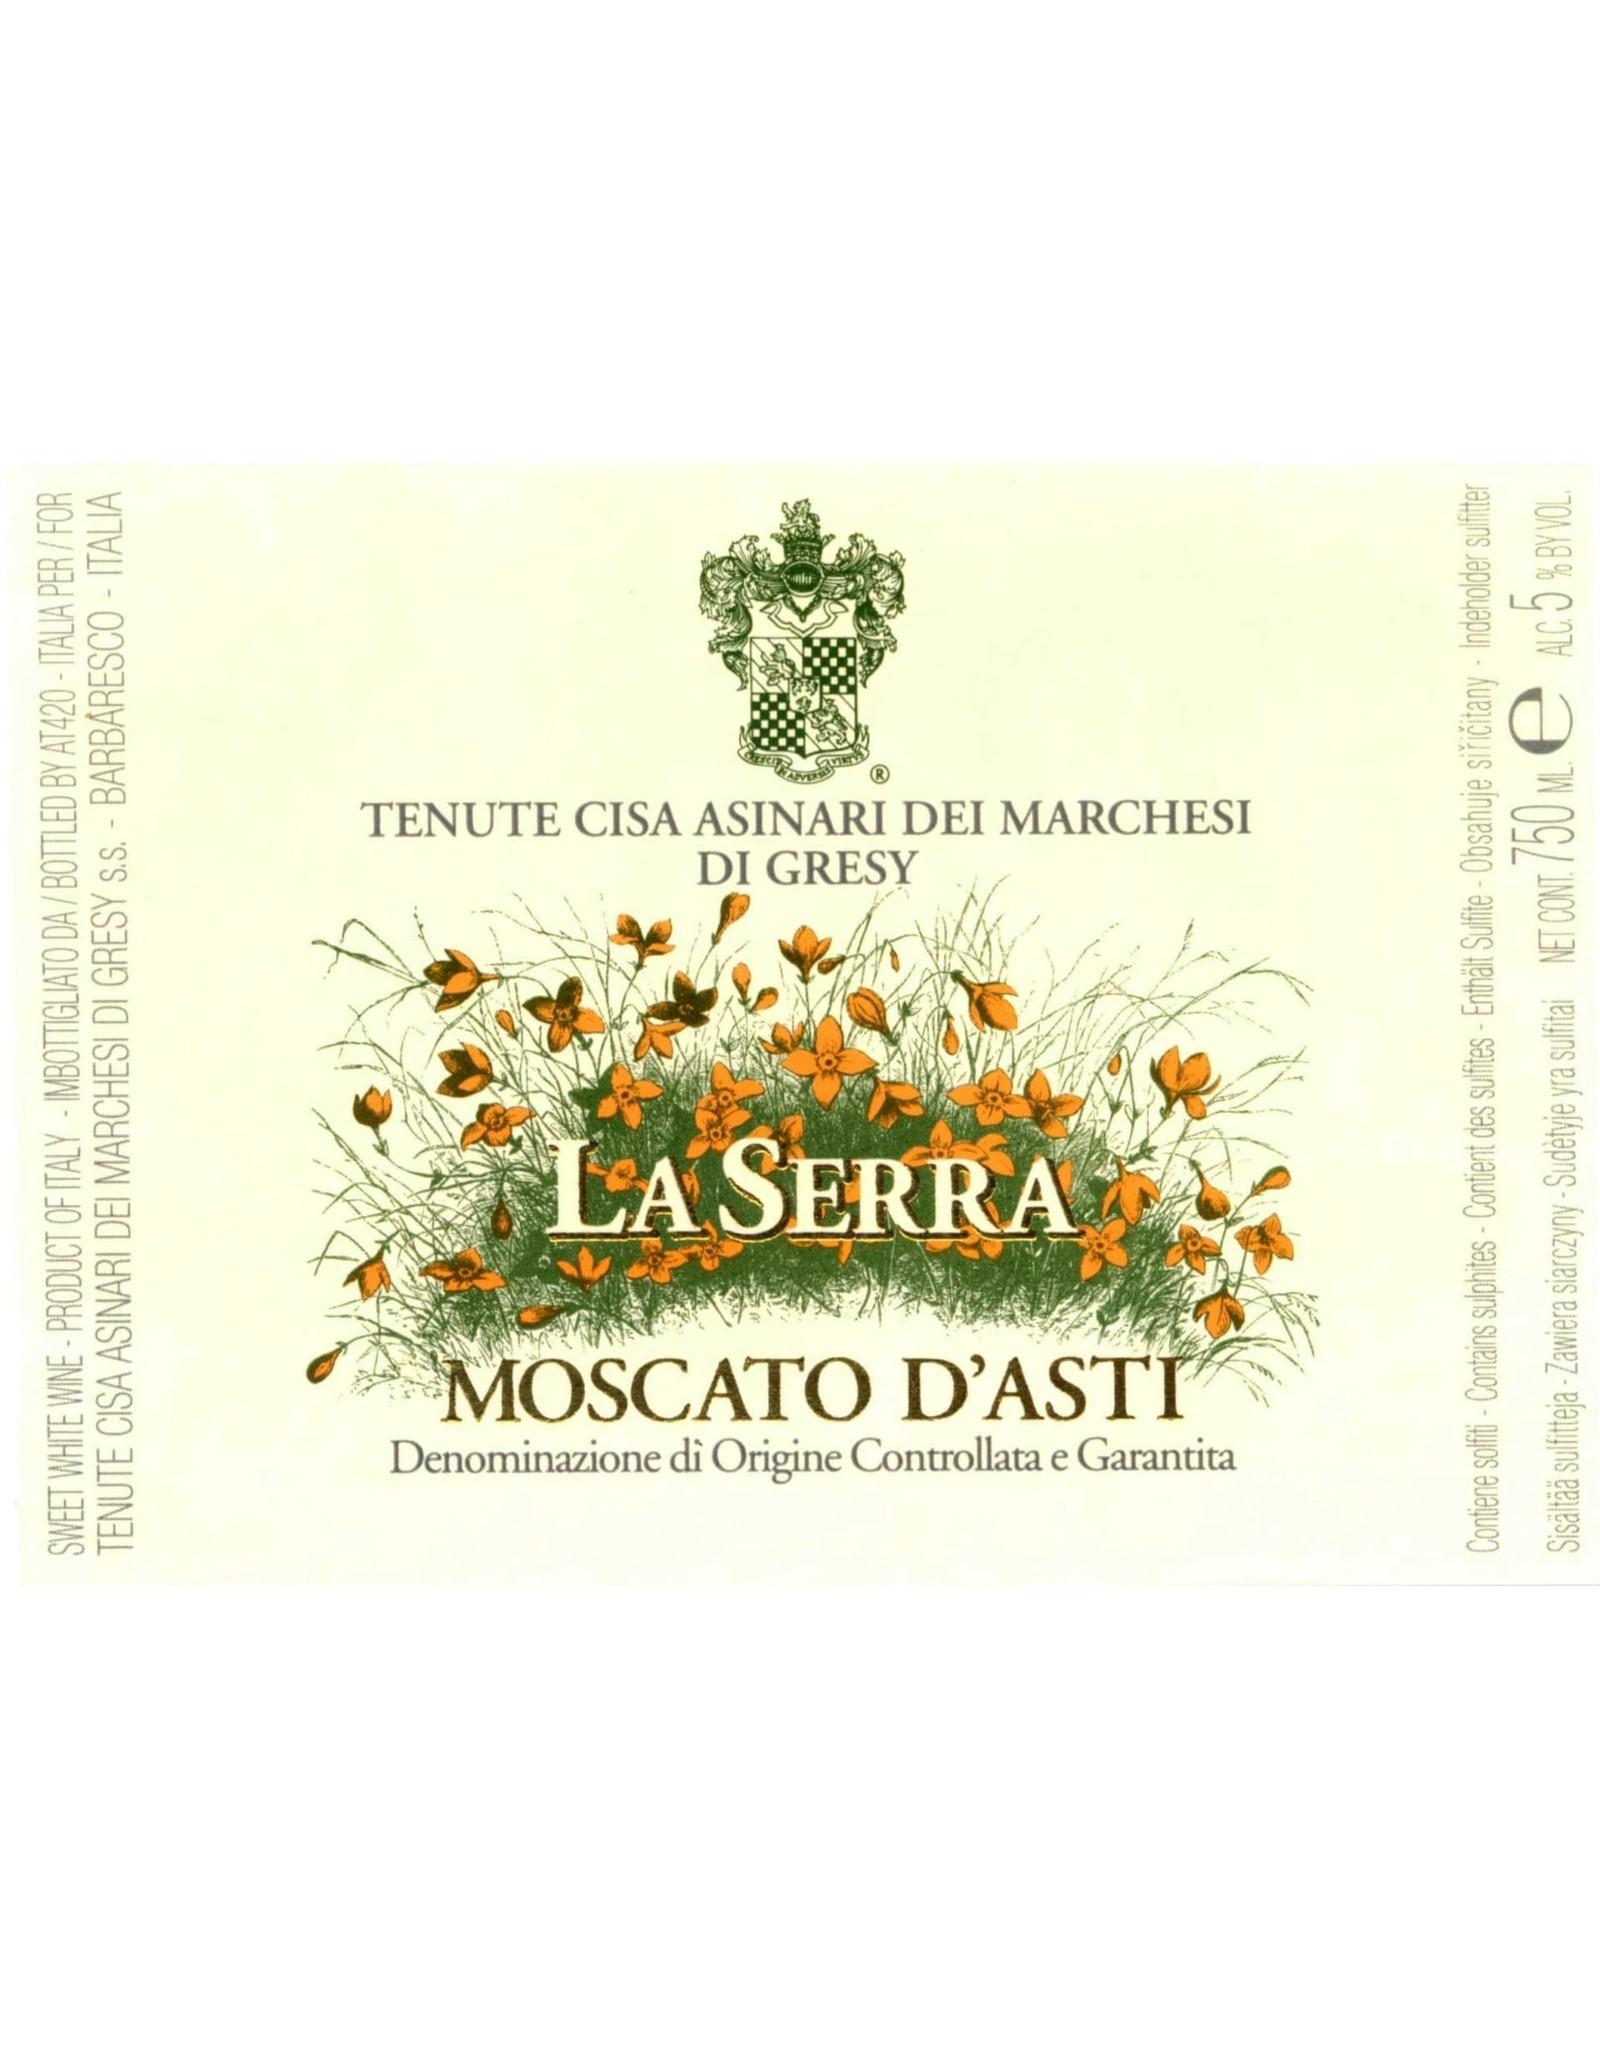 Tenute Cisa Asinari dei Marchesi di Gresy La Serra Moscato d'Asti 2019